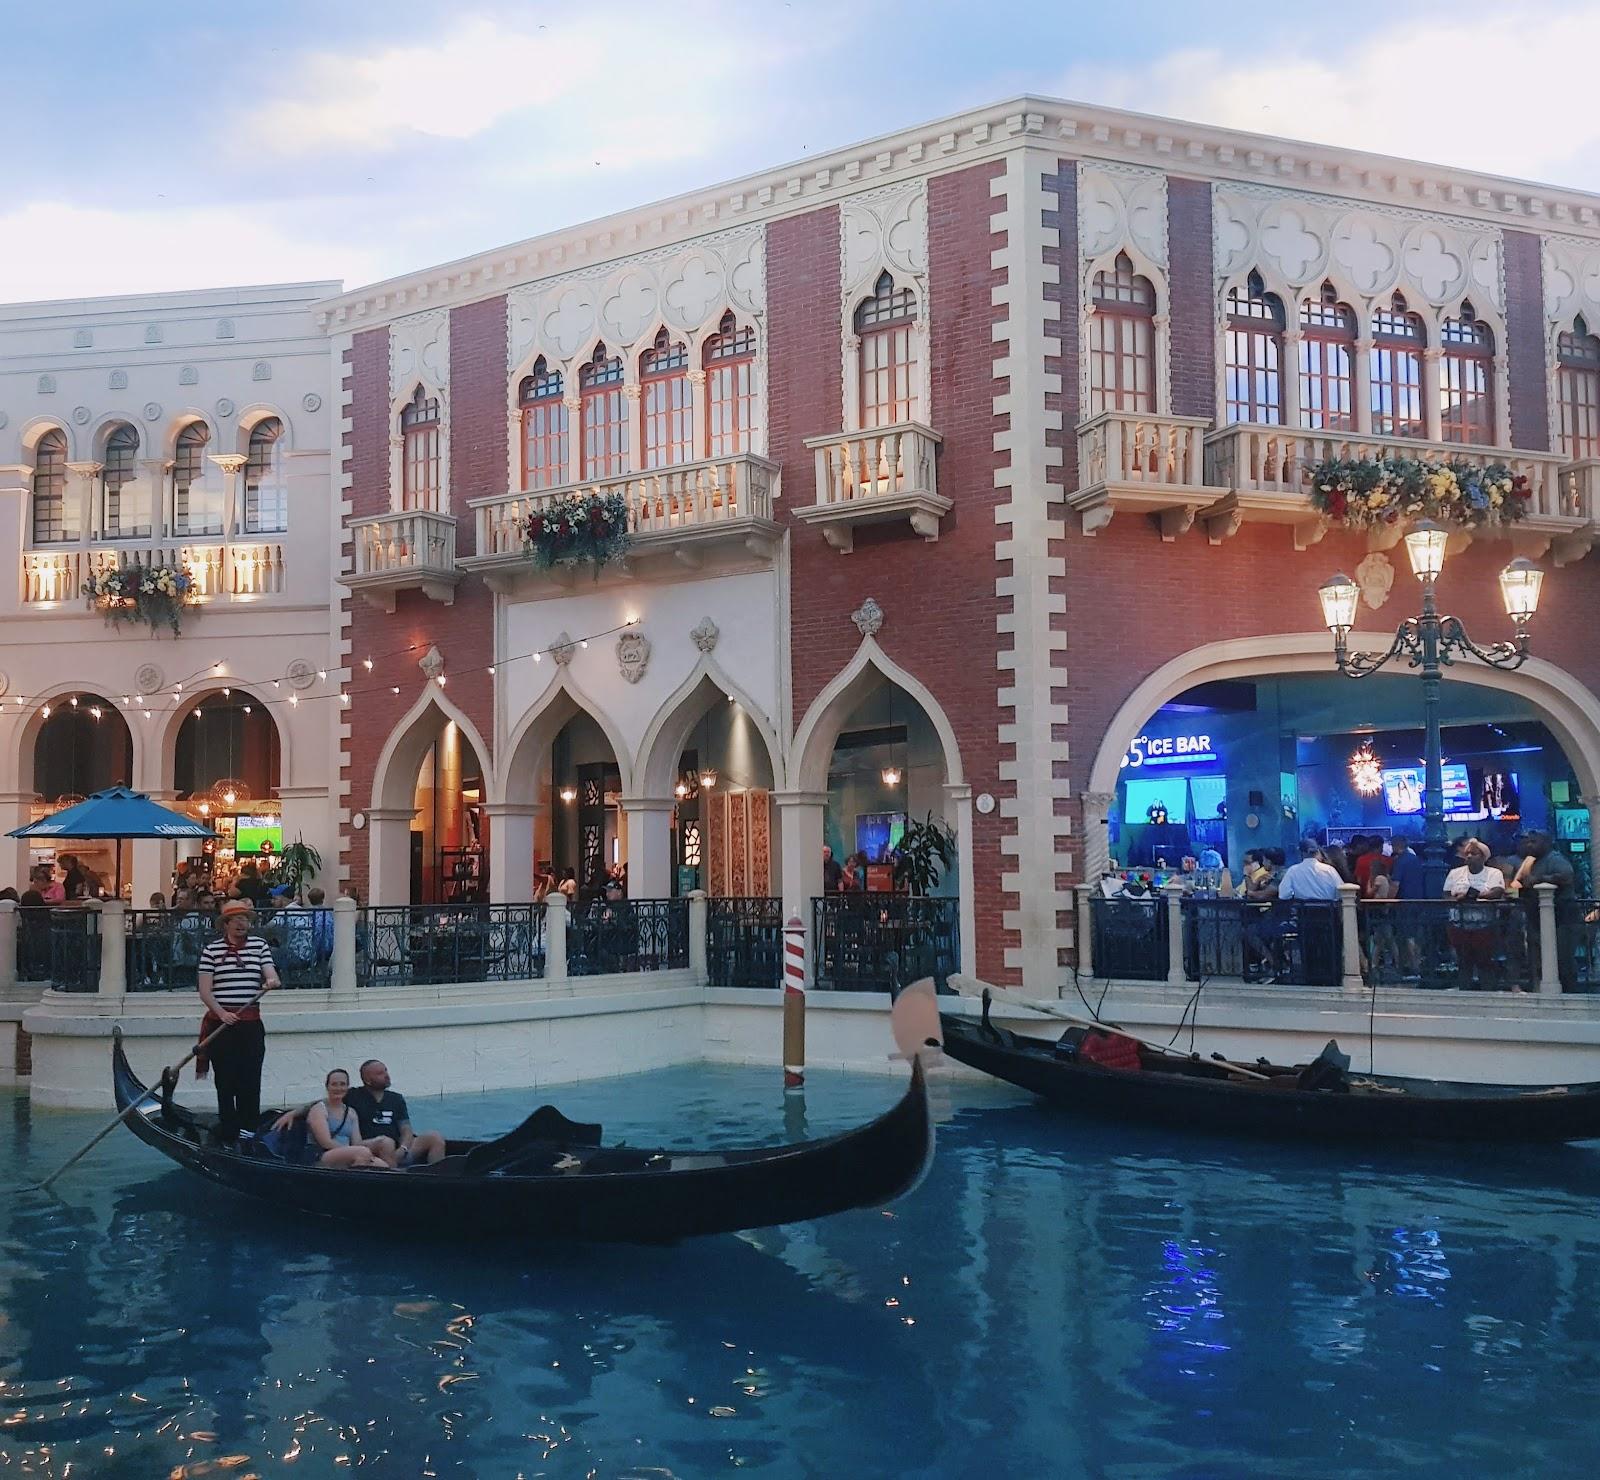 מלון וונישן ונציה בלאס וגאס מדריך מלא המלצות איפה לאכול